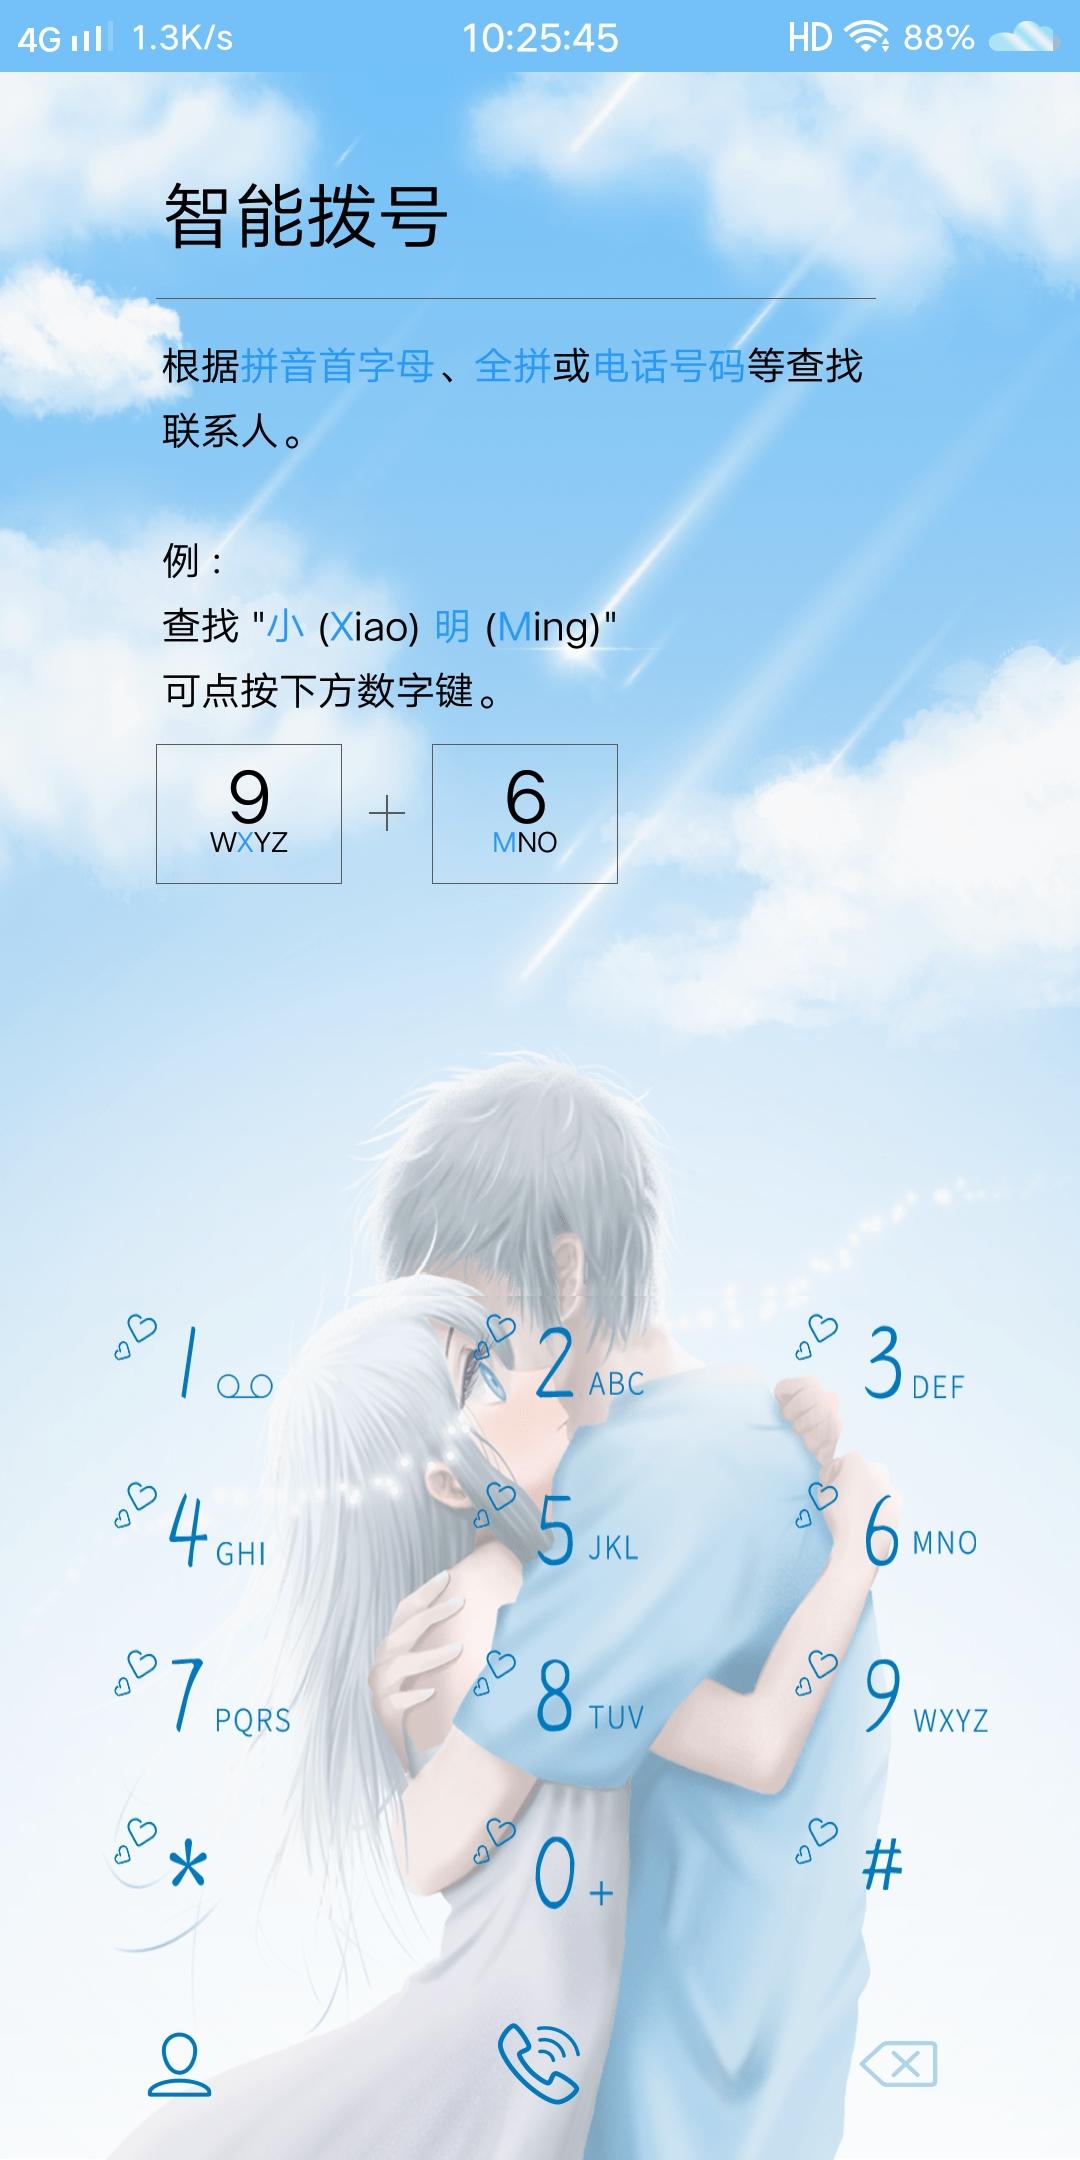 Screenshot_20190428_102545.jpg